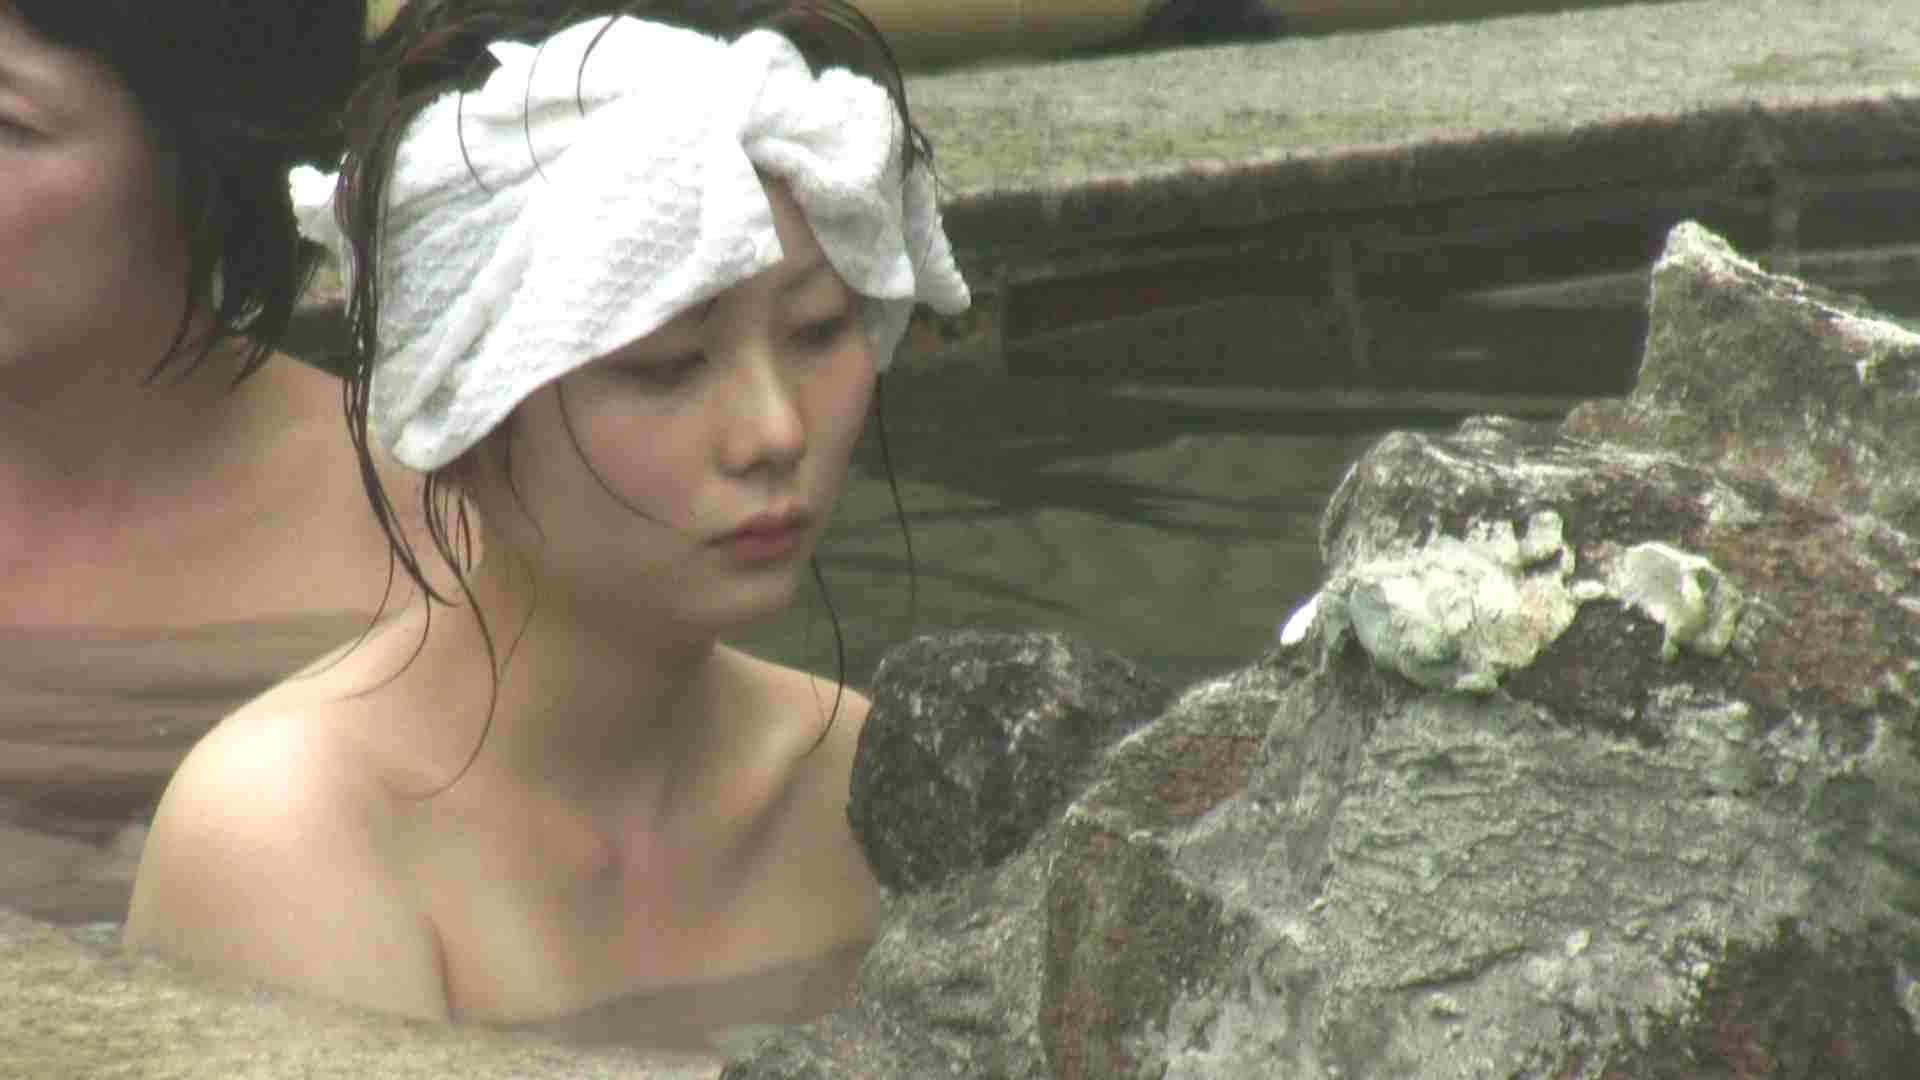 Aquaな露天風呂Vol.147 盗撮シリーズ  80PIX 12